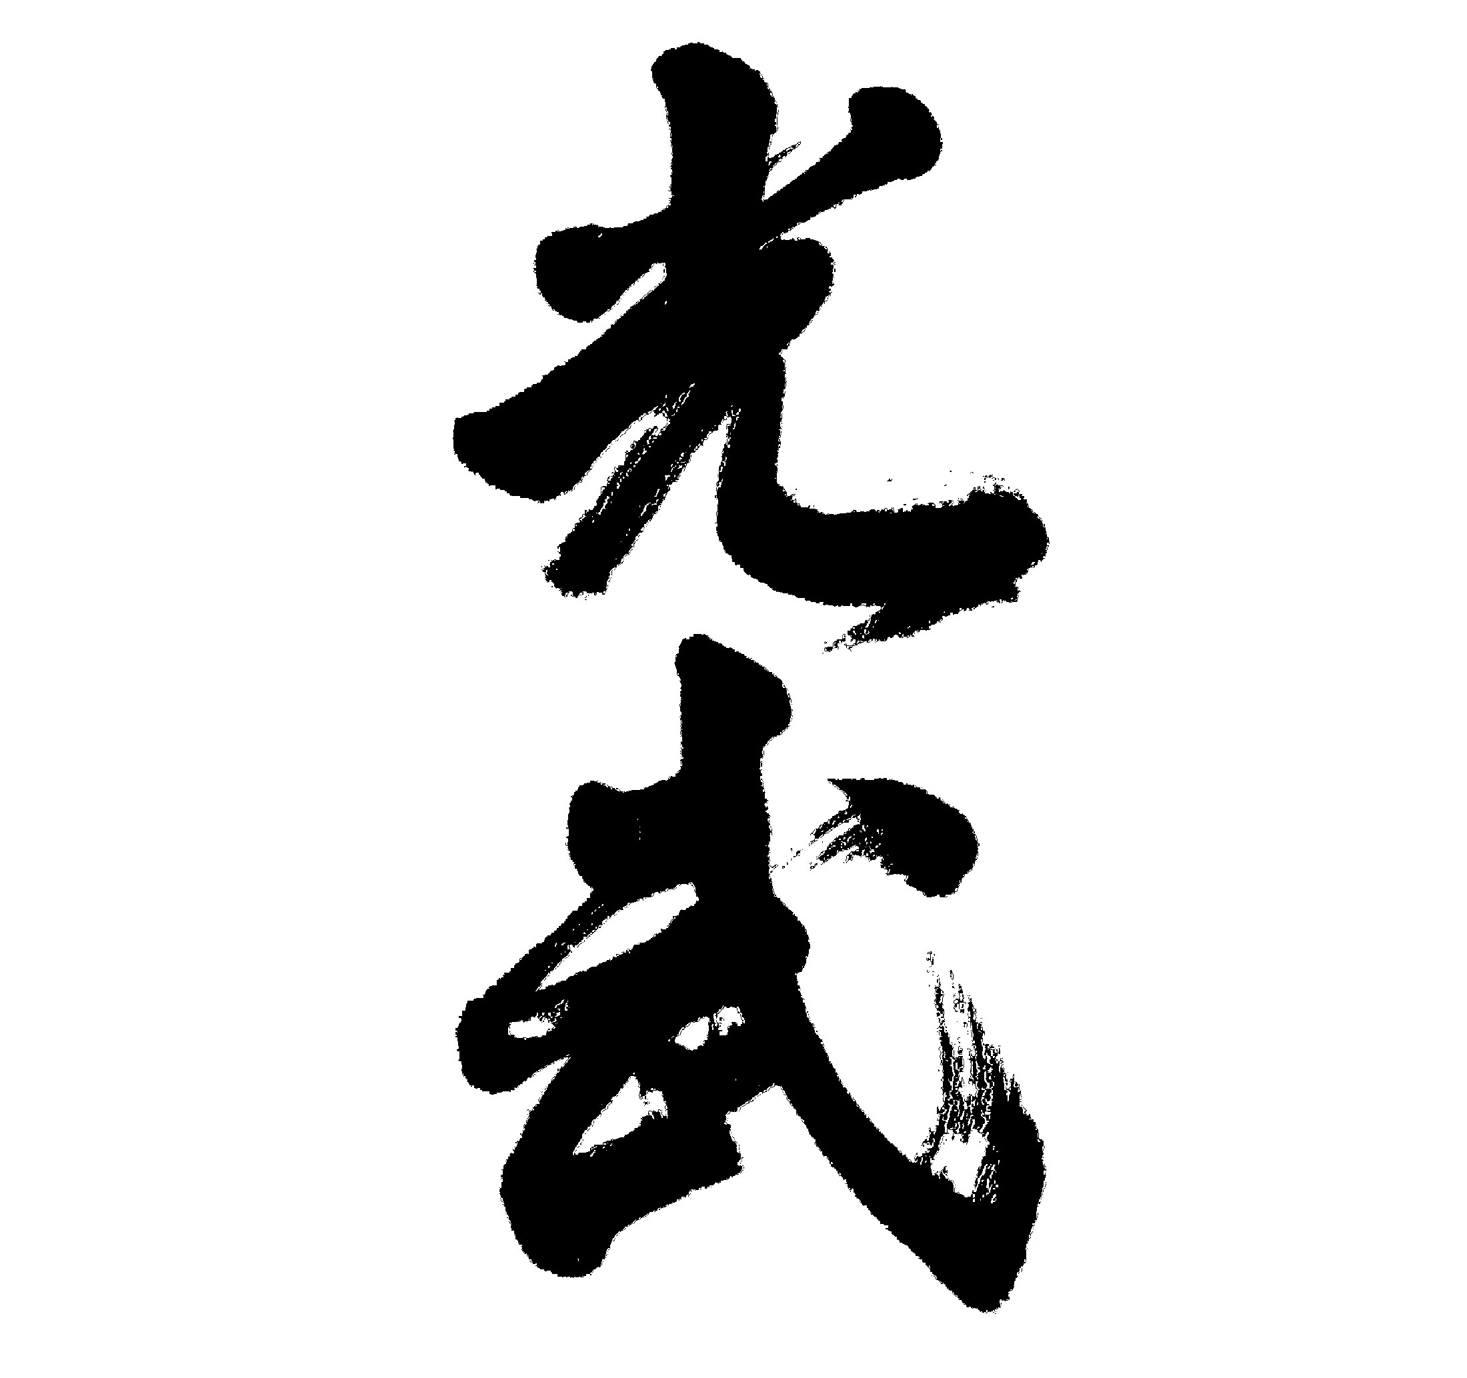 Mitsutake shuzo